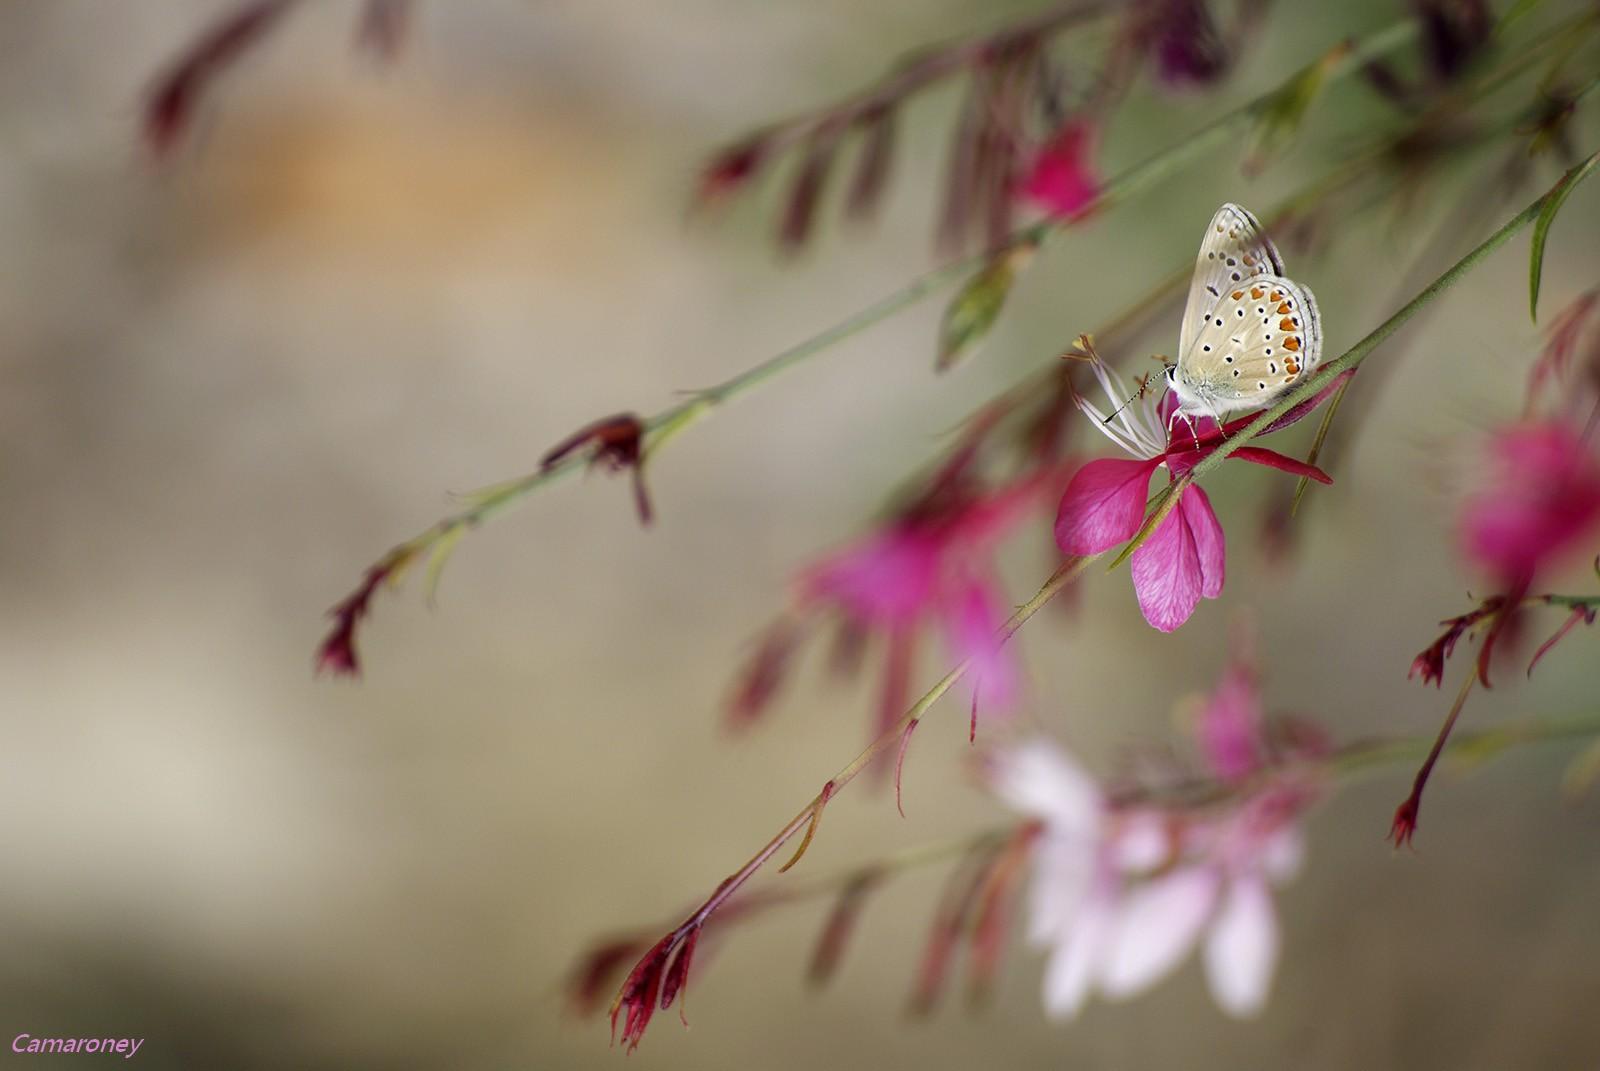 L'argus et autres papillons  mise a jour du 04.04.2019 ( camaroney ) - Page 2 304143DSC006181600